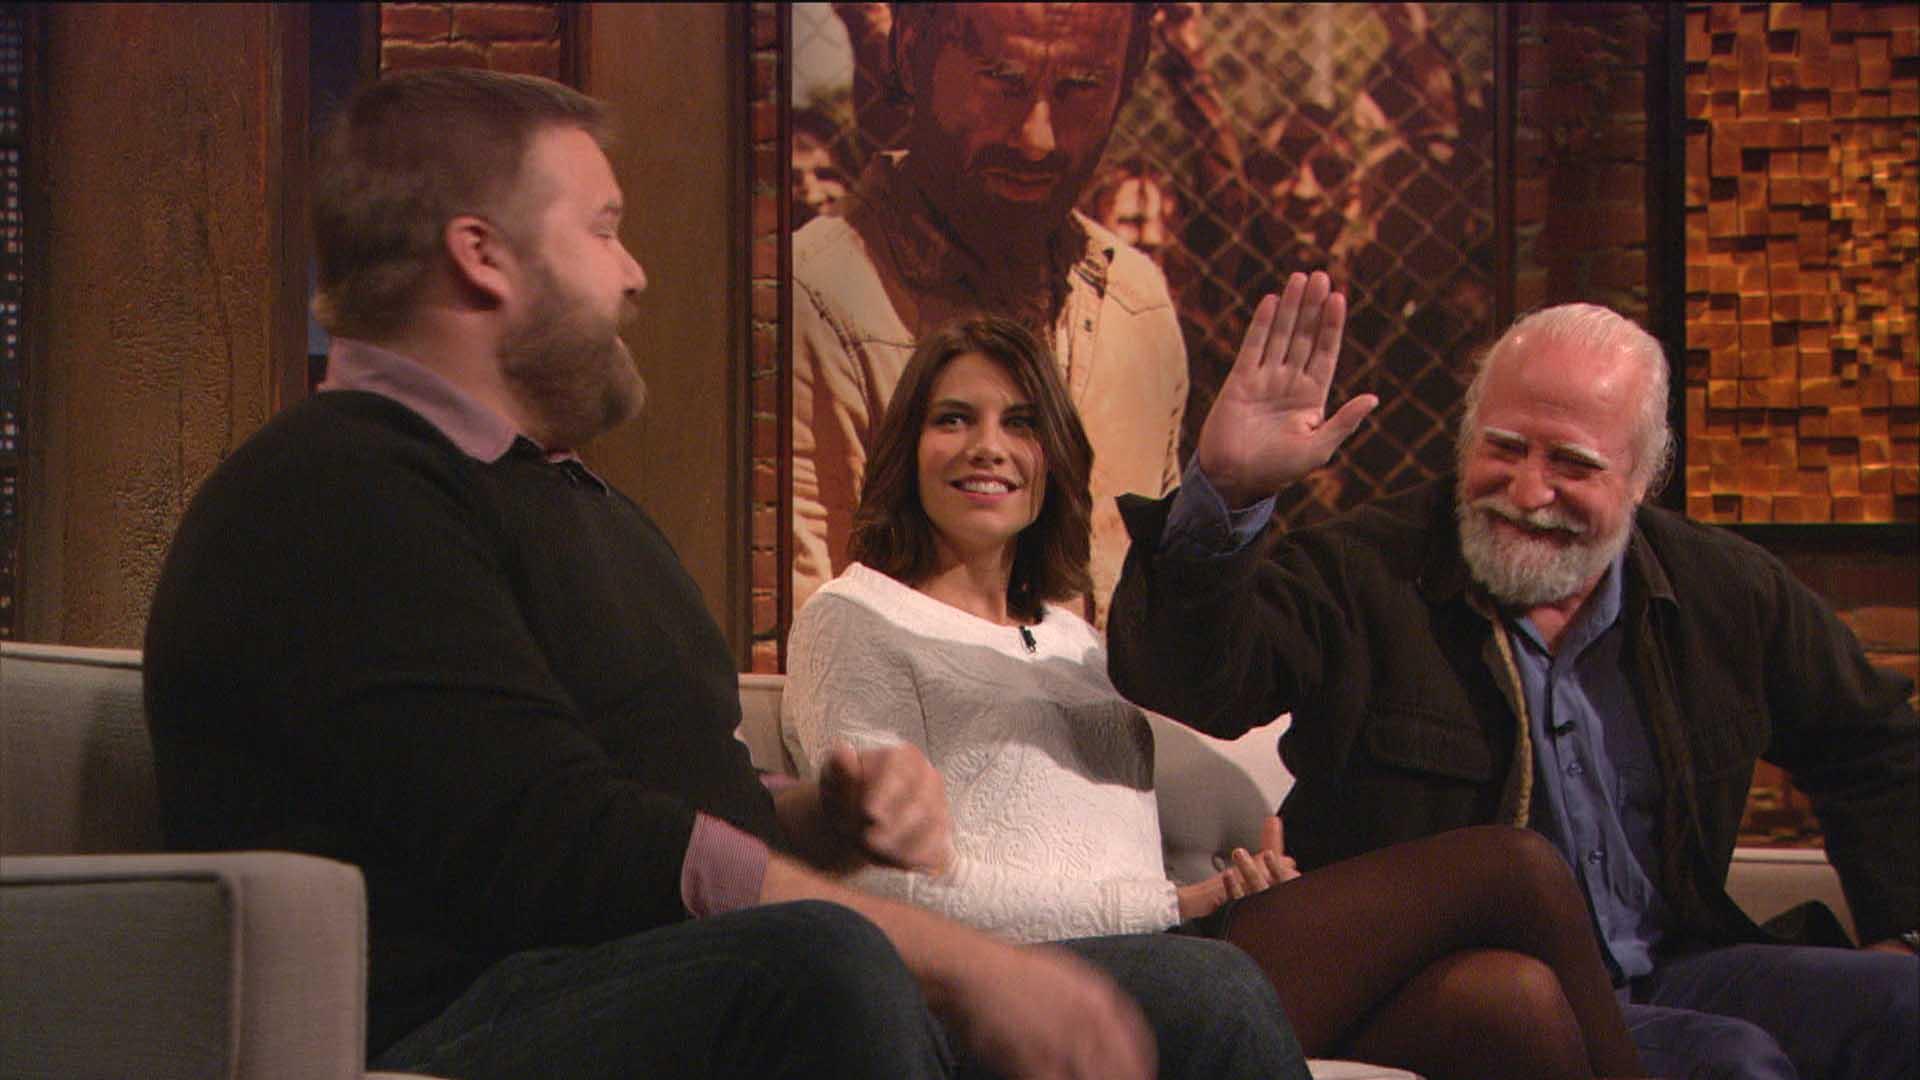 Highlights: Episode 408: Talking Dead: Robert Kirkman, Lauren Cohan, and Scott Wilson on Hershel